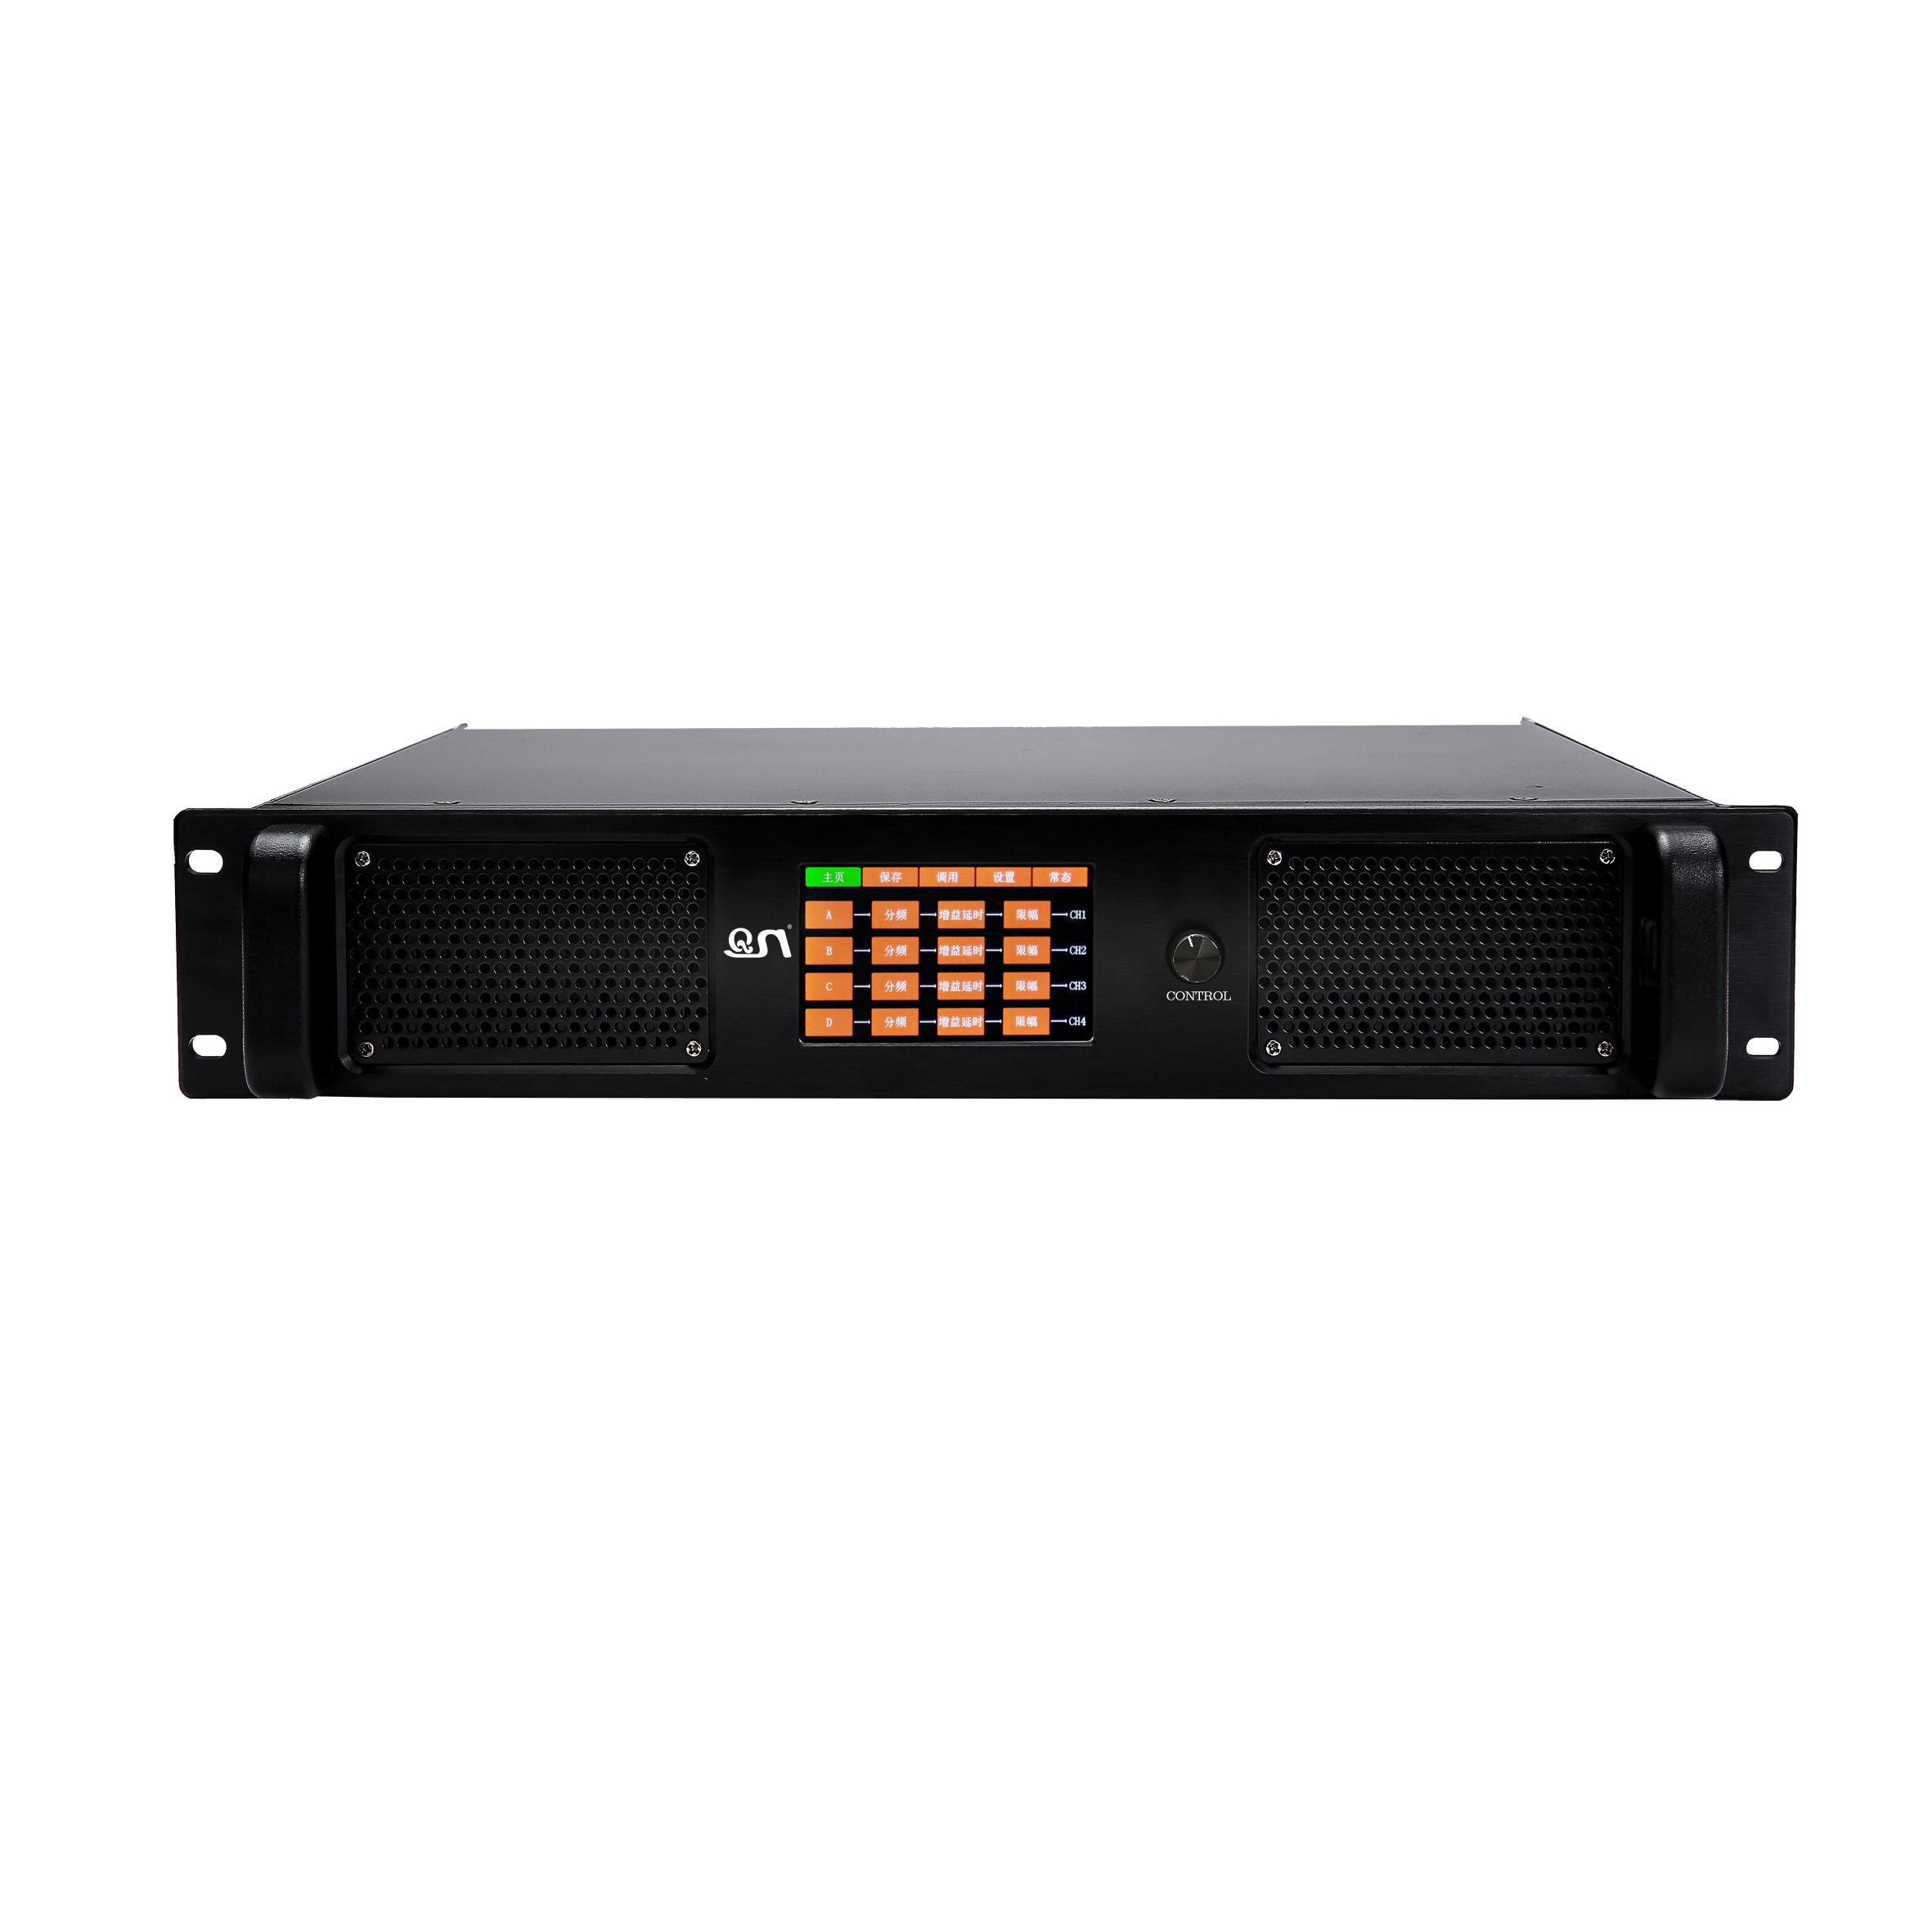 Lower Price Dsp High Power Amplifier Dsp4120 Guangzhou Yunqiang